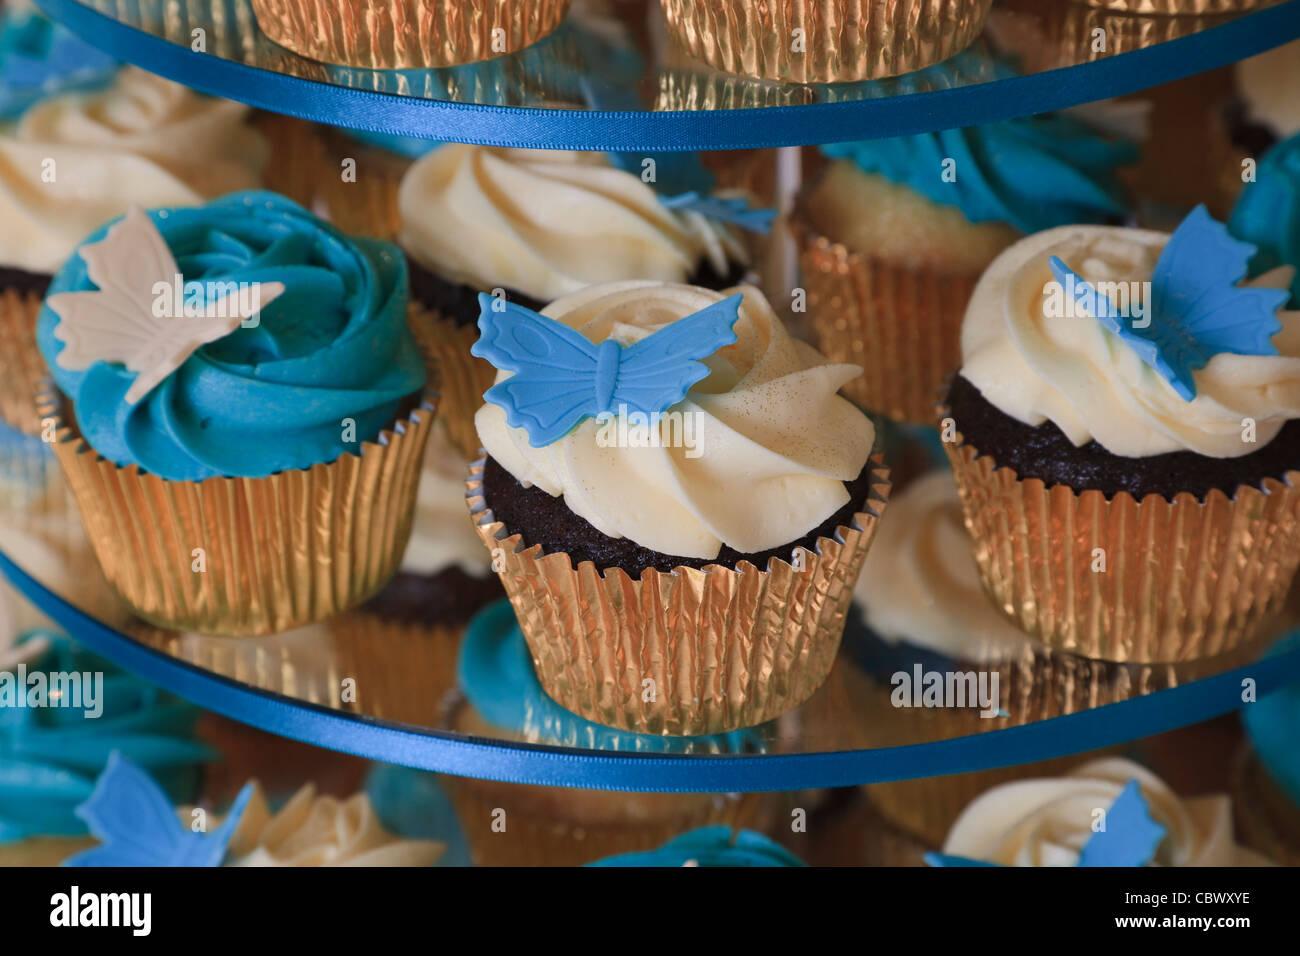 Kleine Kuchen Mit Creme Sahnehaubchen Und Schmetterling Stil